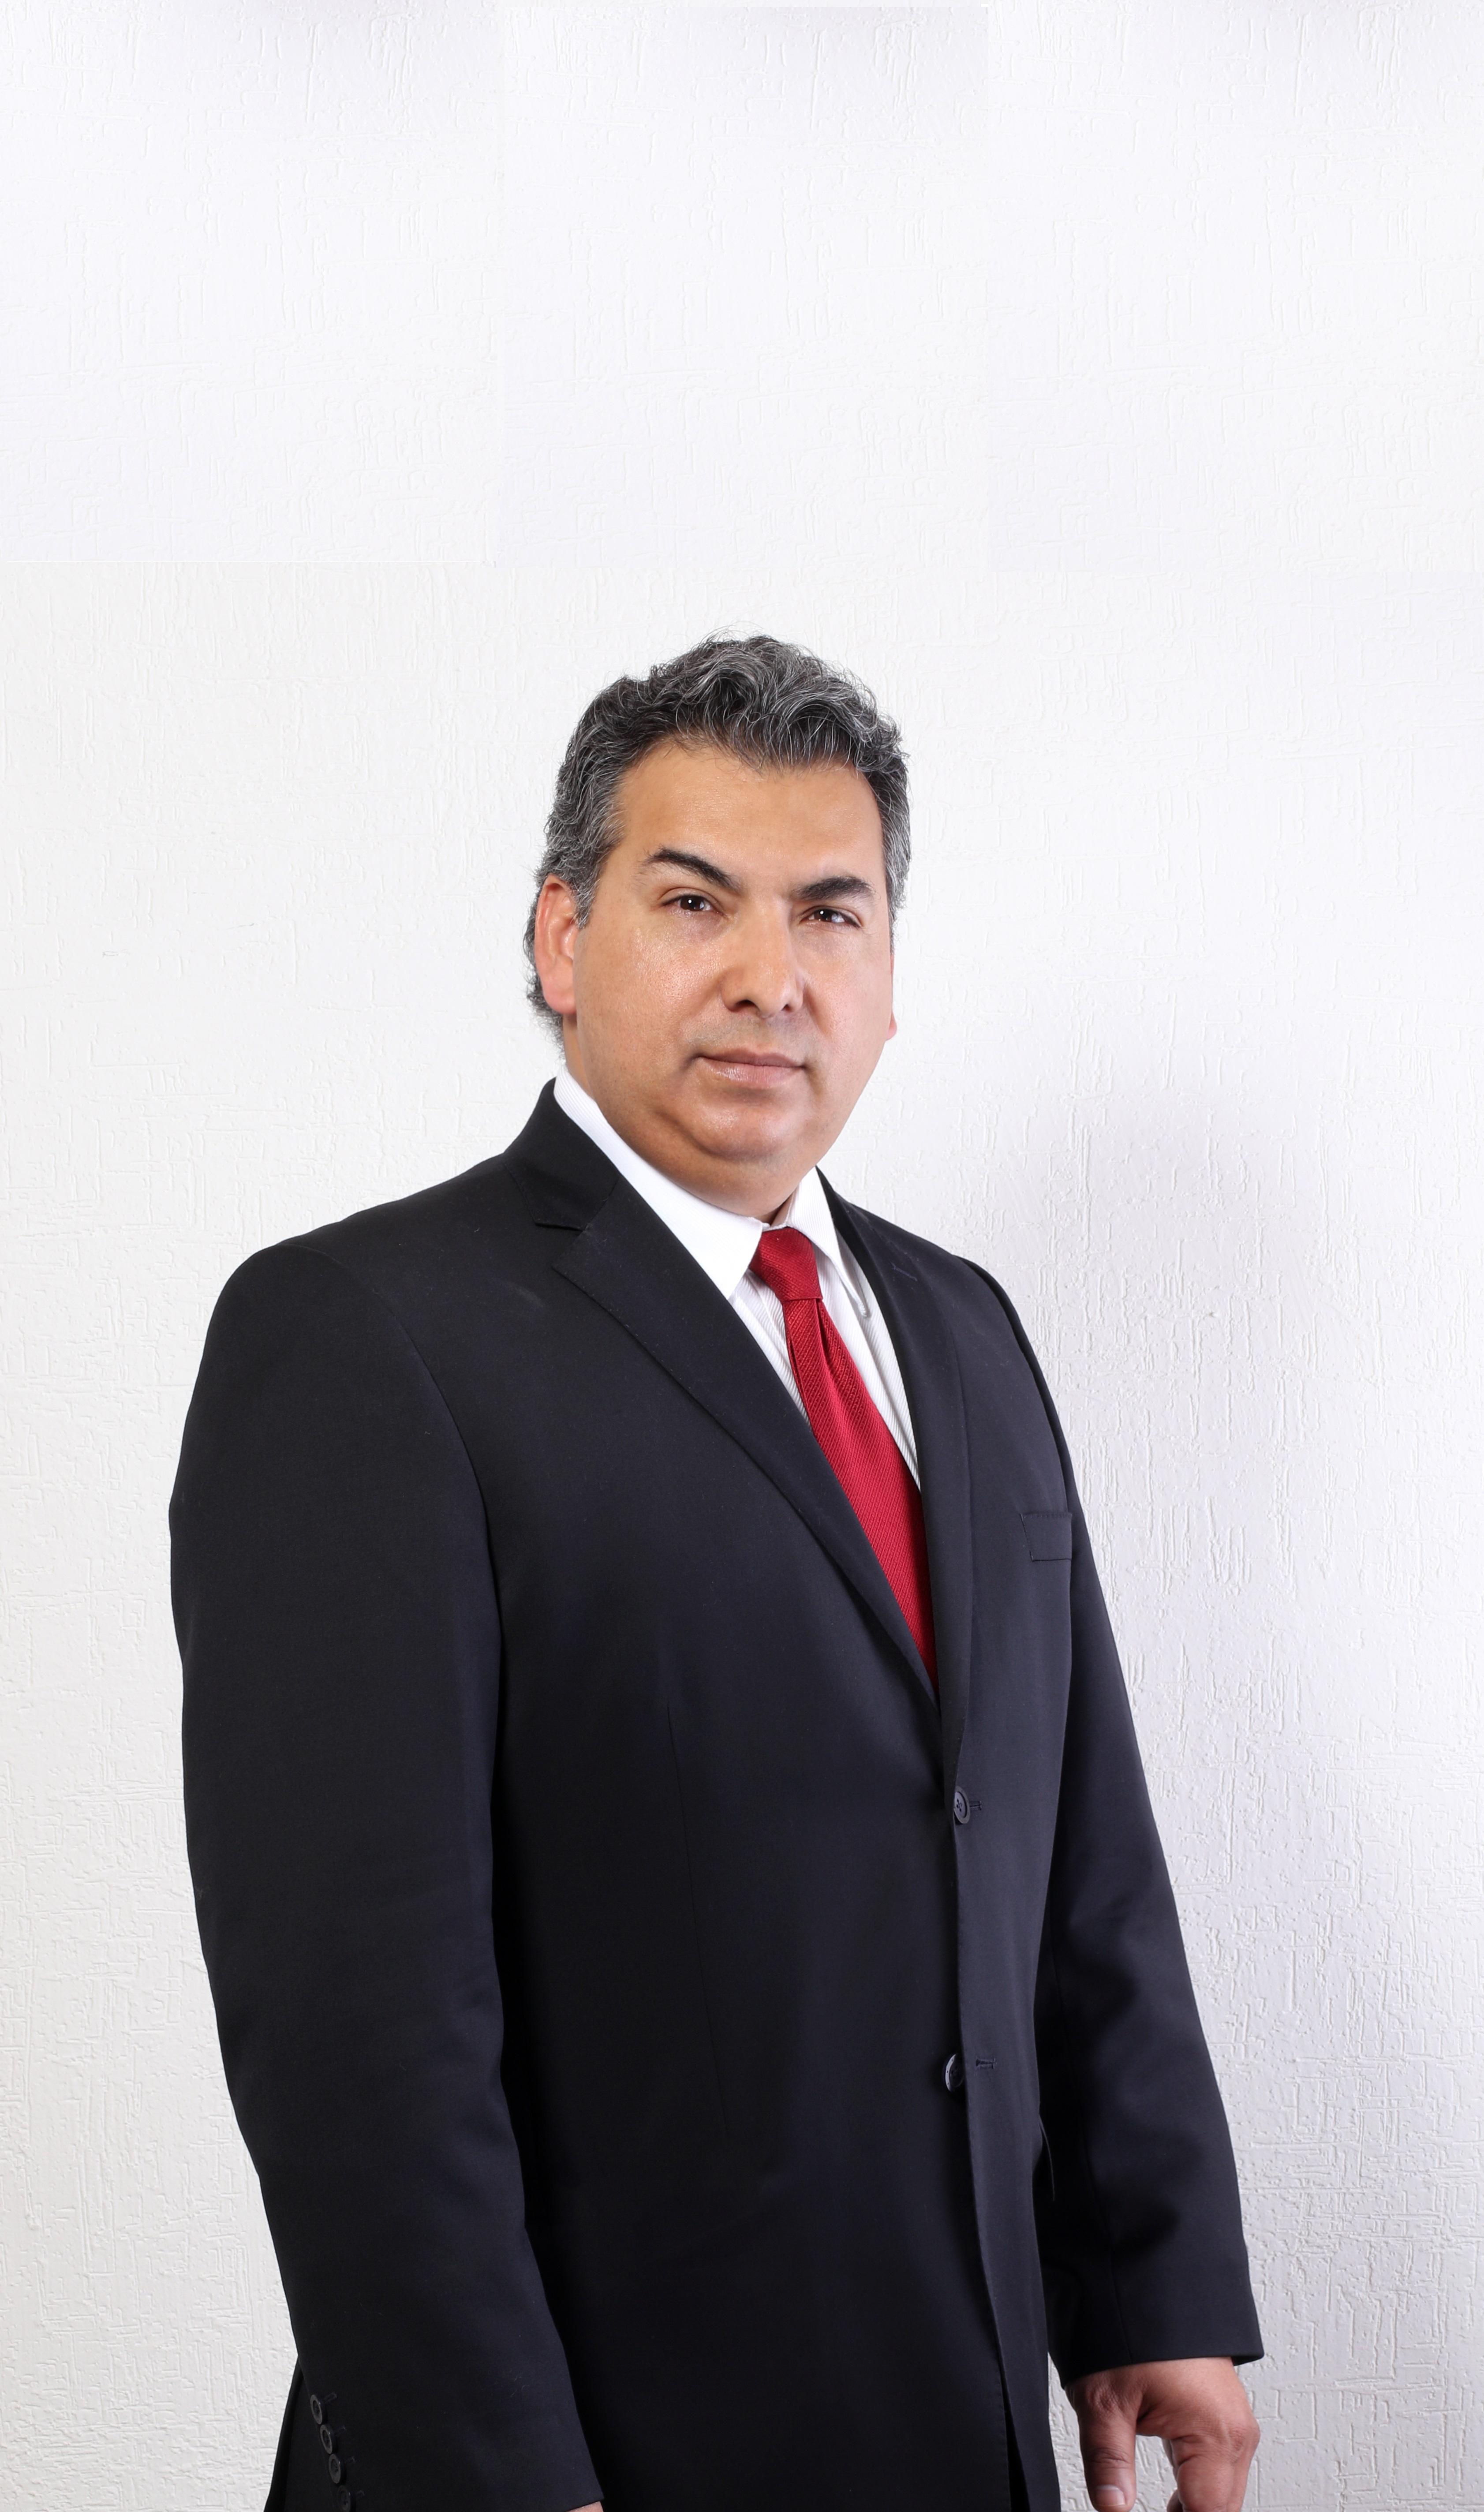 José Erwin Canseco Ponce, Subdirector Corporativo de Recursos Humanos